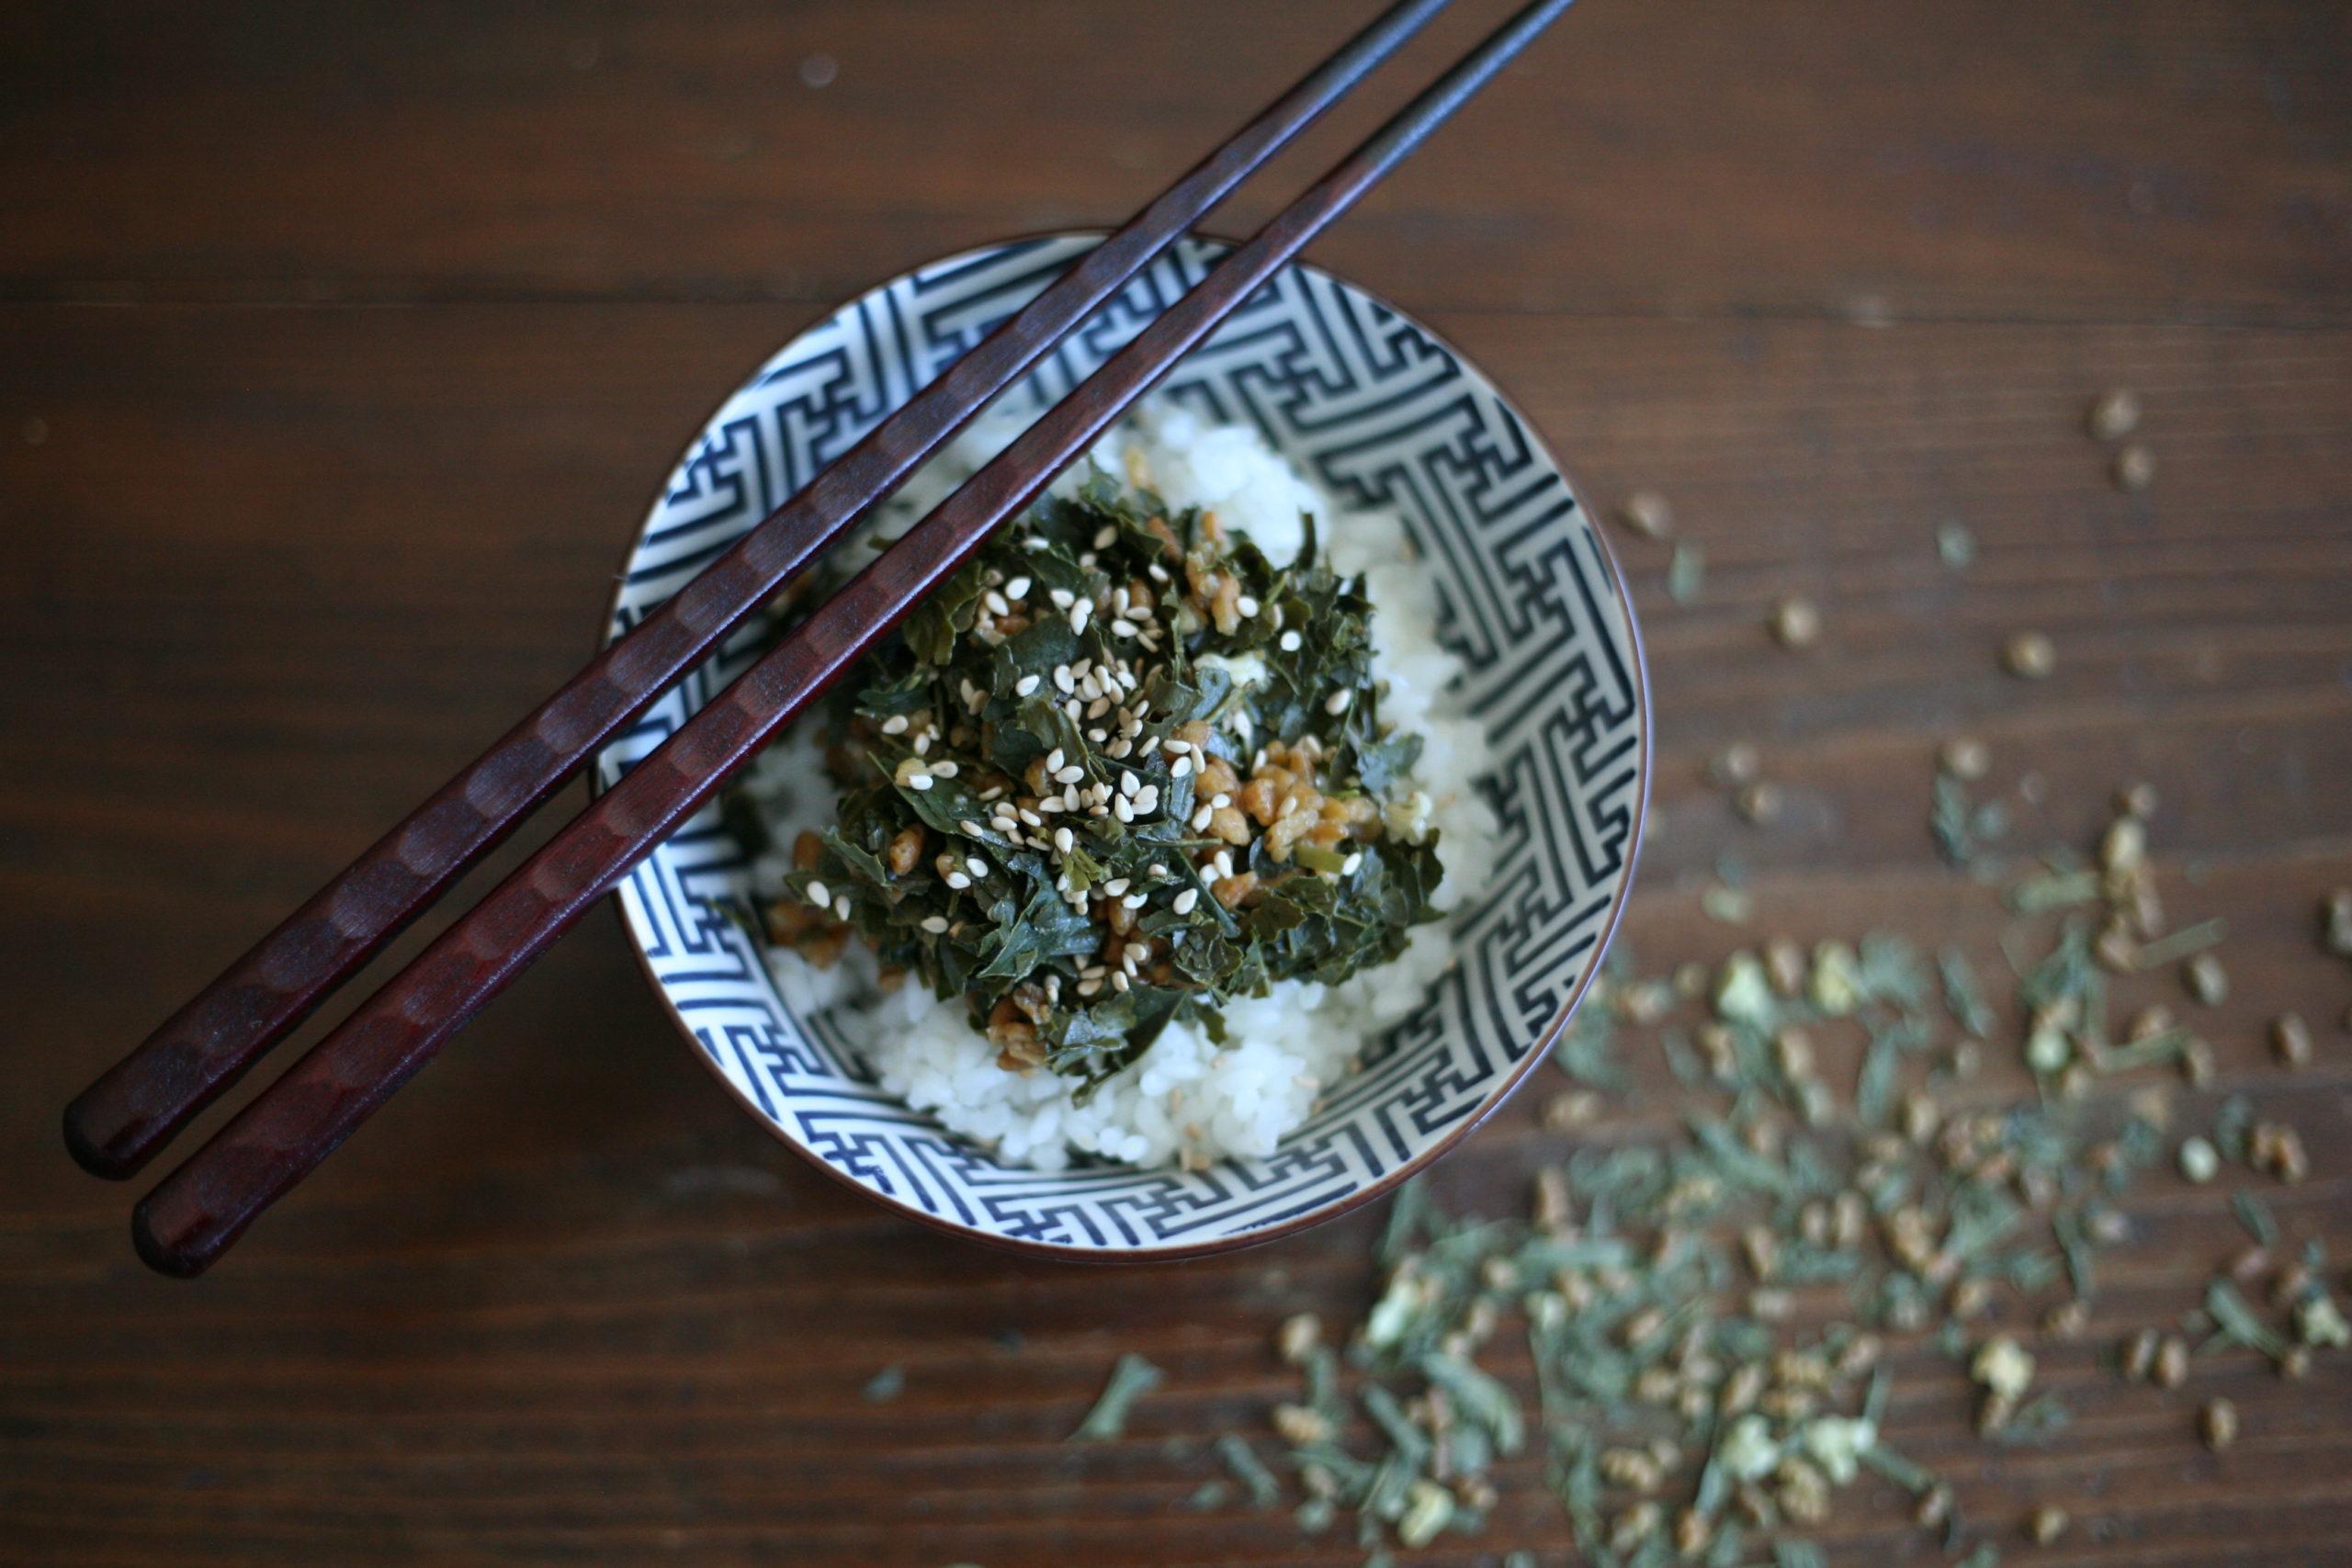 Japanese tea leaf salad on sticky rice